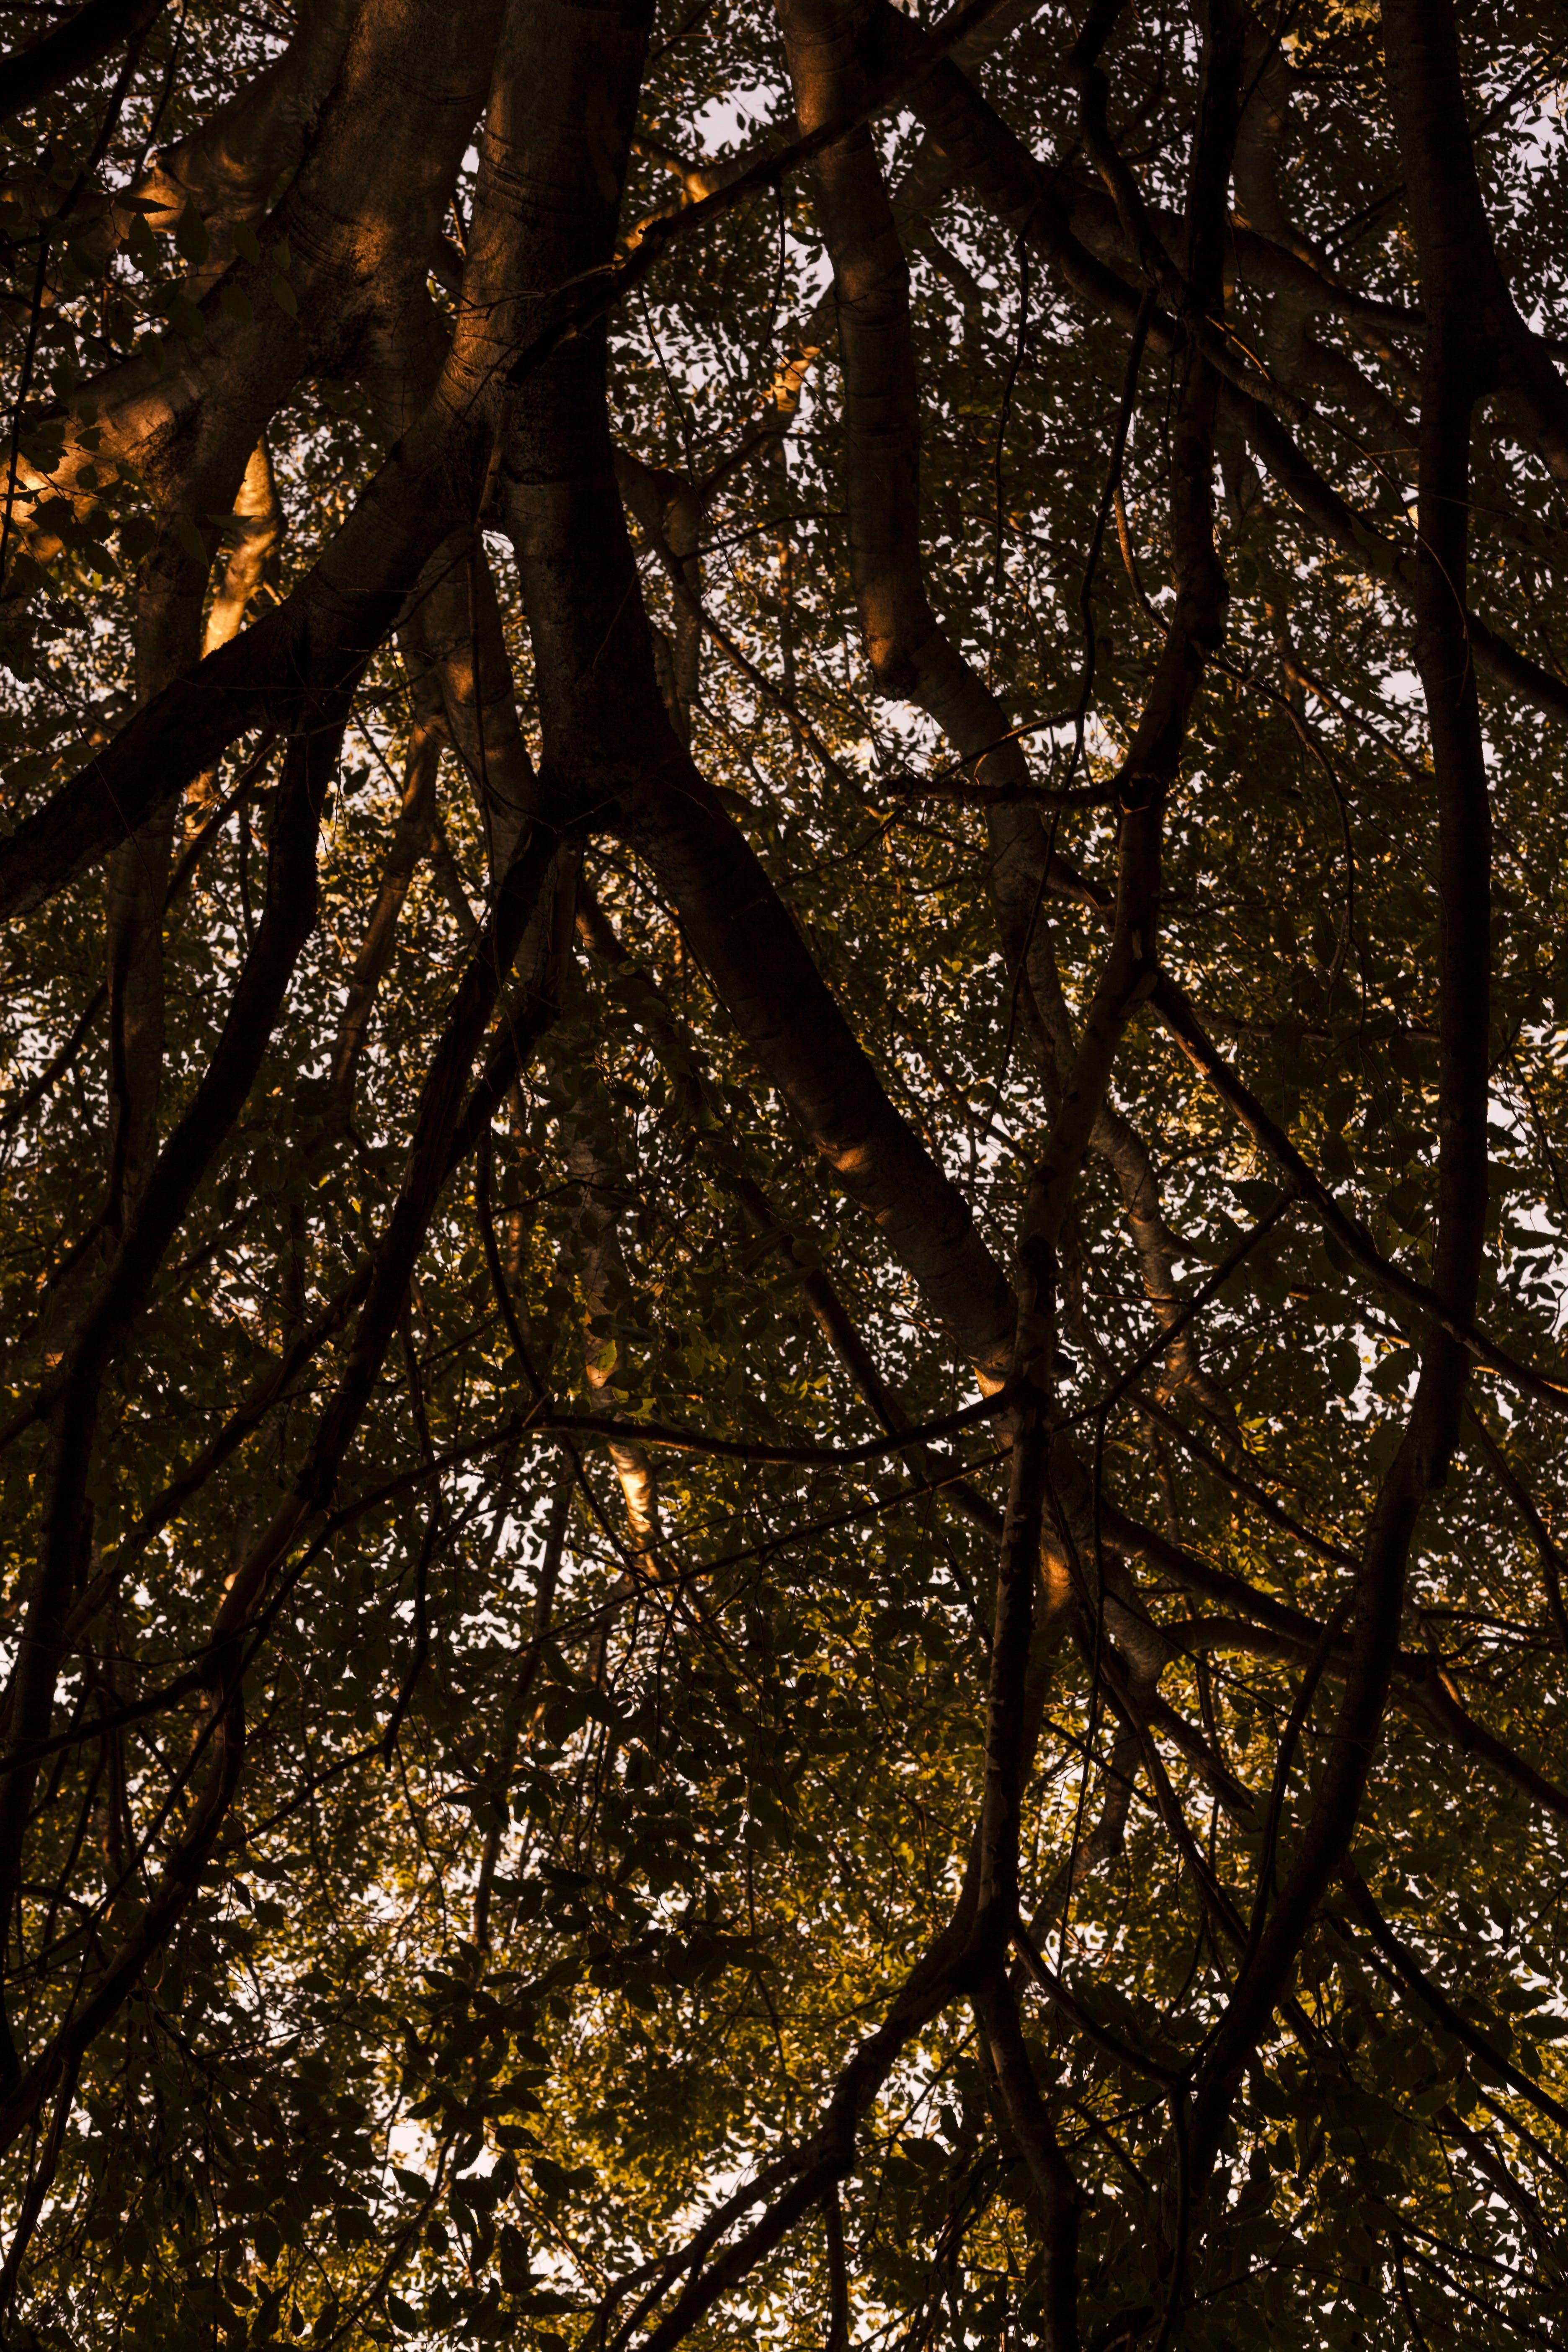 Gratis arkivbilde med grener, lav-vinklet fotografering, miljø, natur